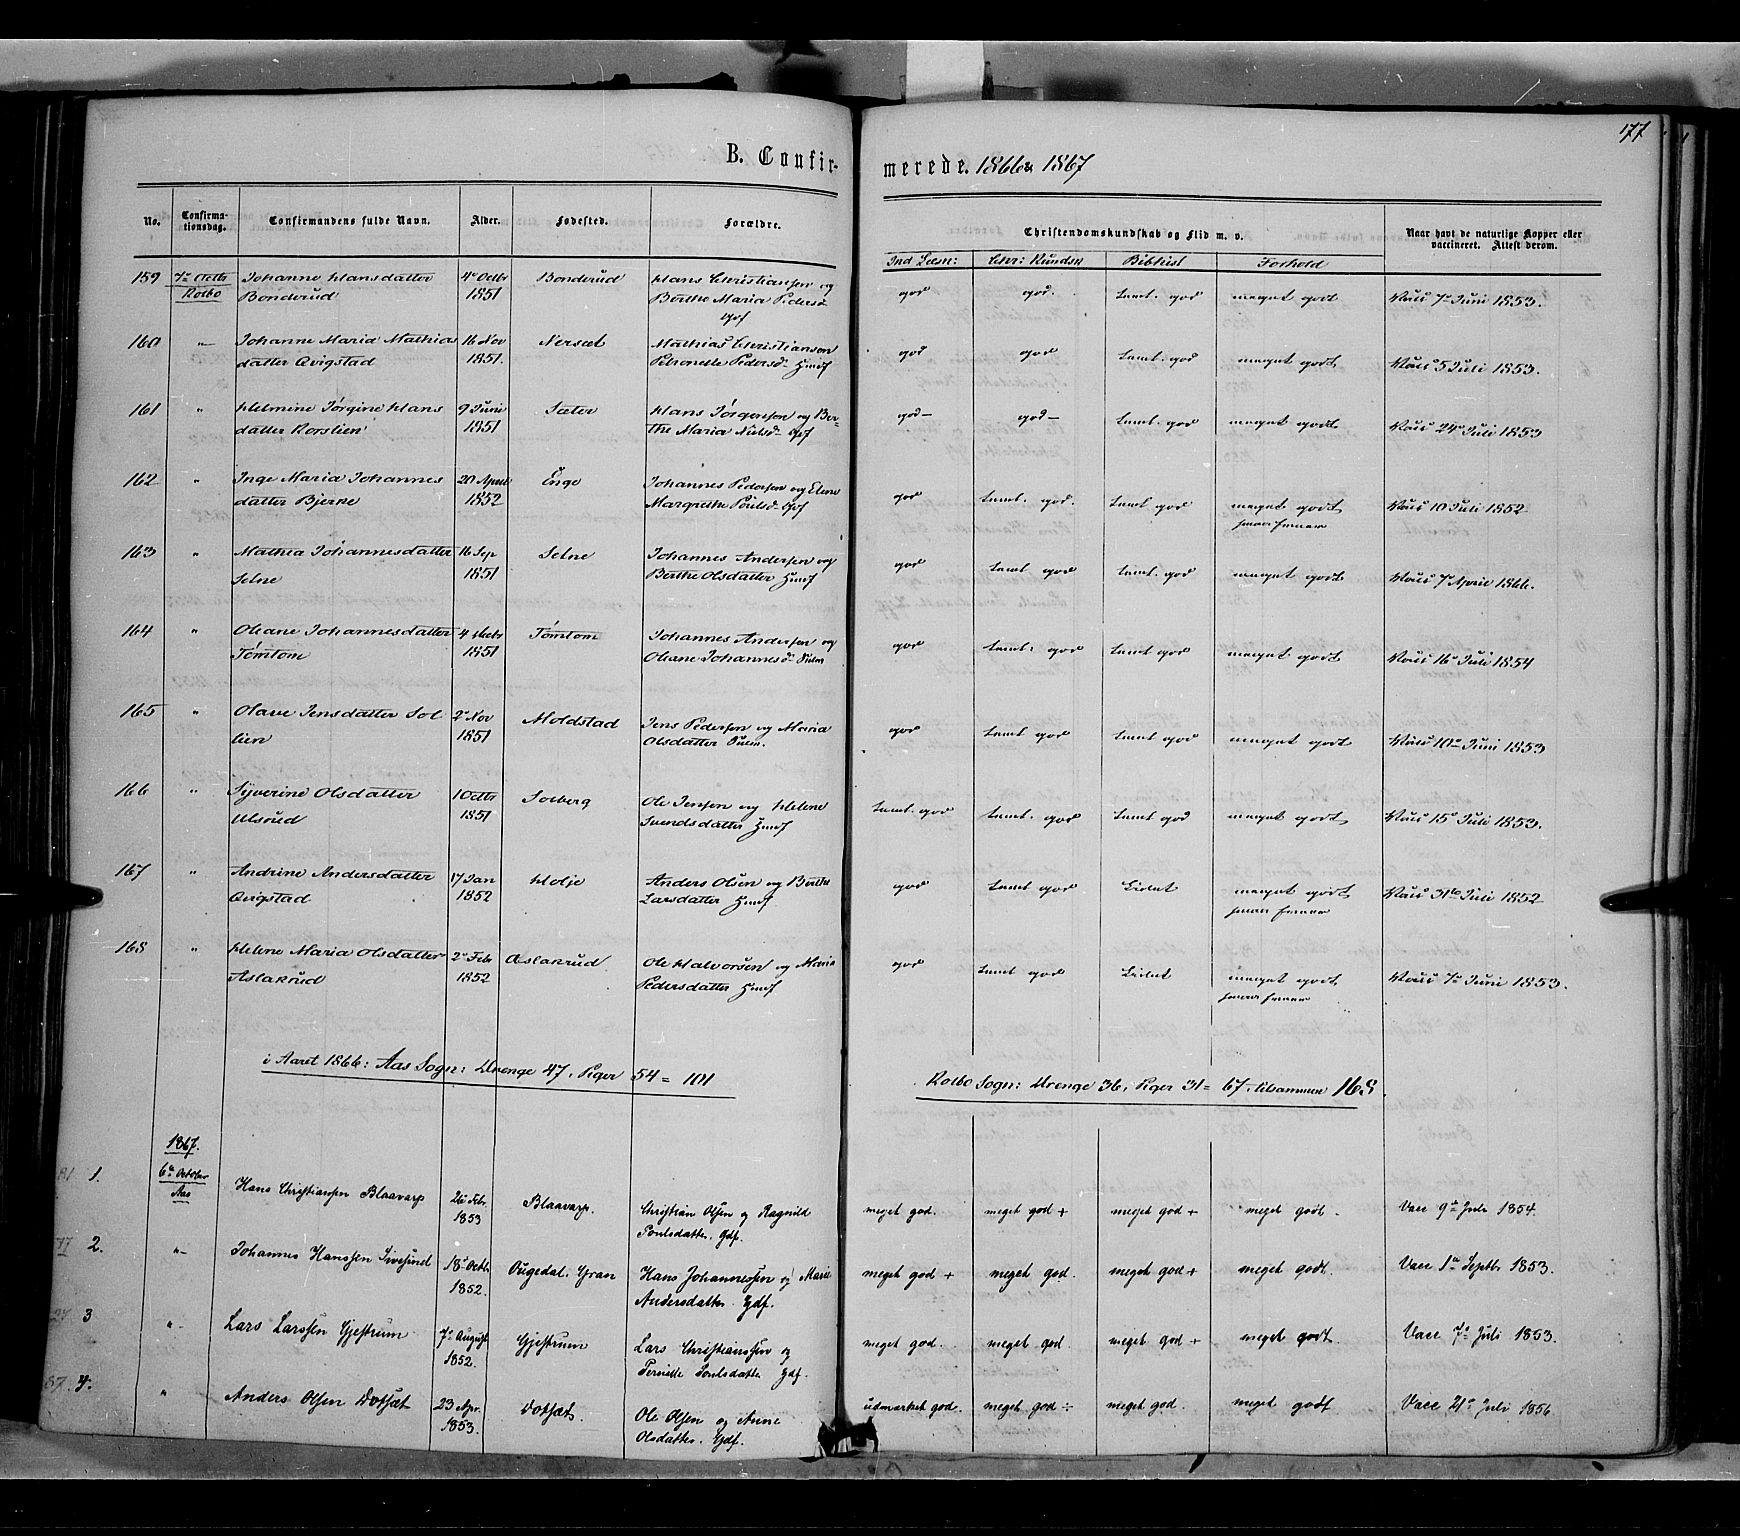 SAH, Vestre Toten prestekontor, Ministerialbok nr. 7, 1862-1869, s. 177